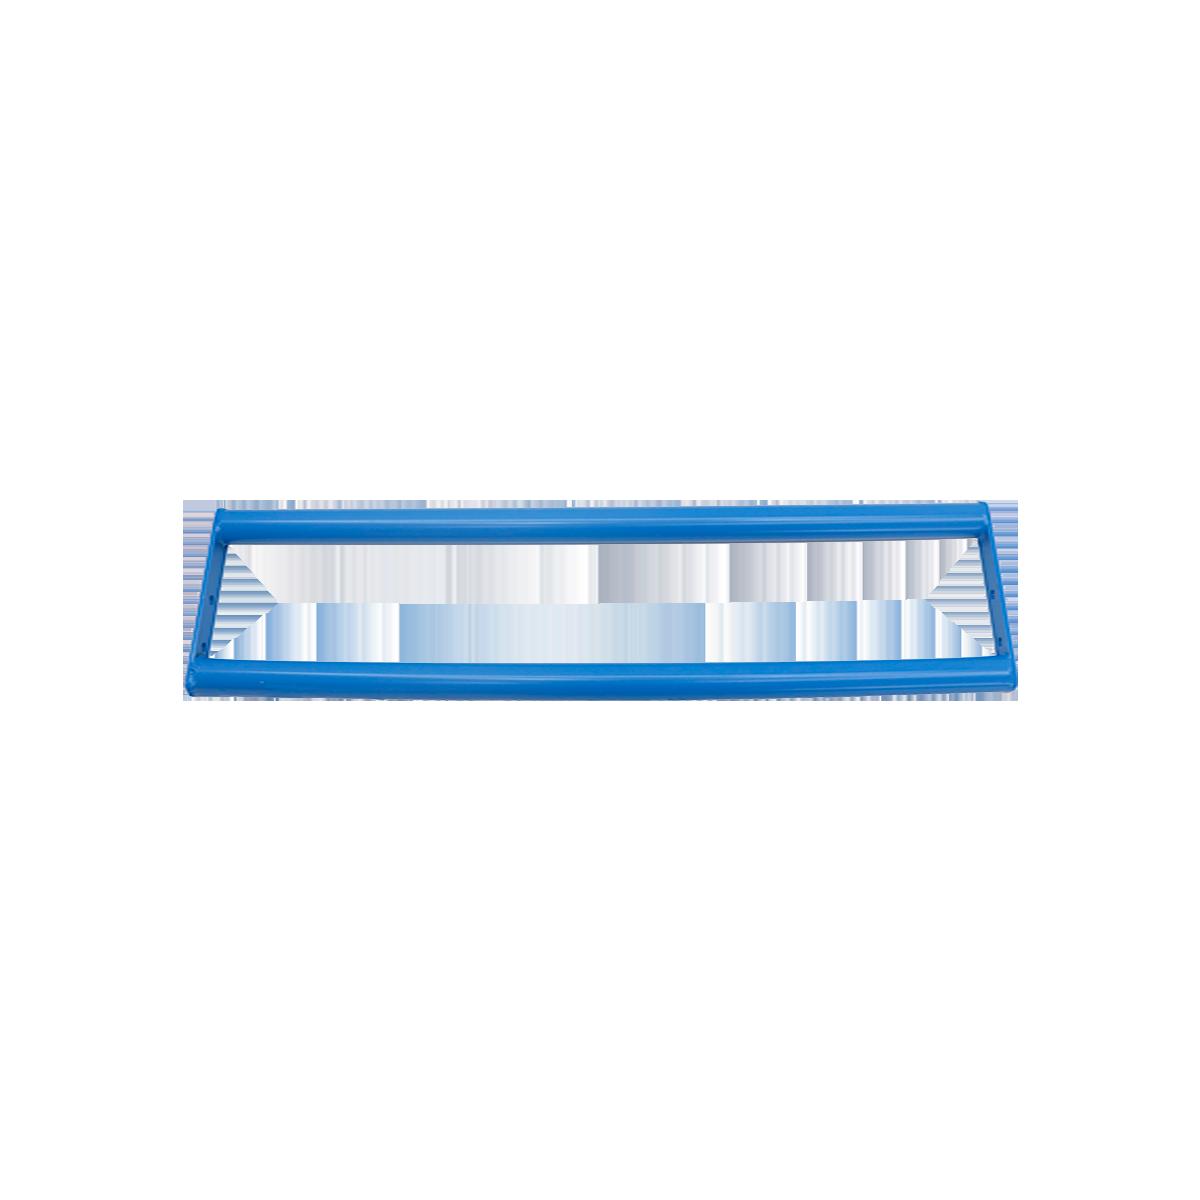 ΒΑΣΗ-ΑΠΟΘΗΚΕΥΣΗΣ-ΑΞΕΣΟΥΑΡ-110cm_HEGREN.png